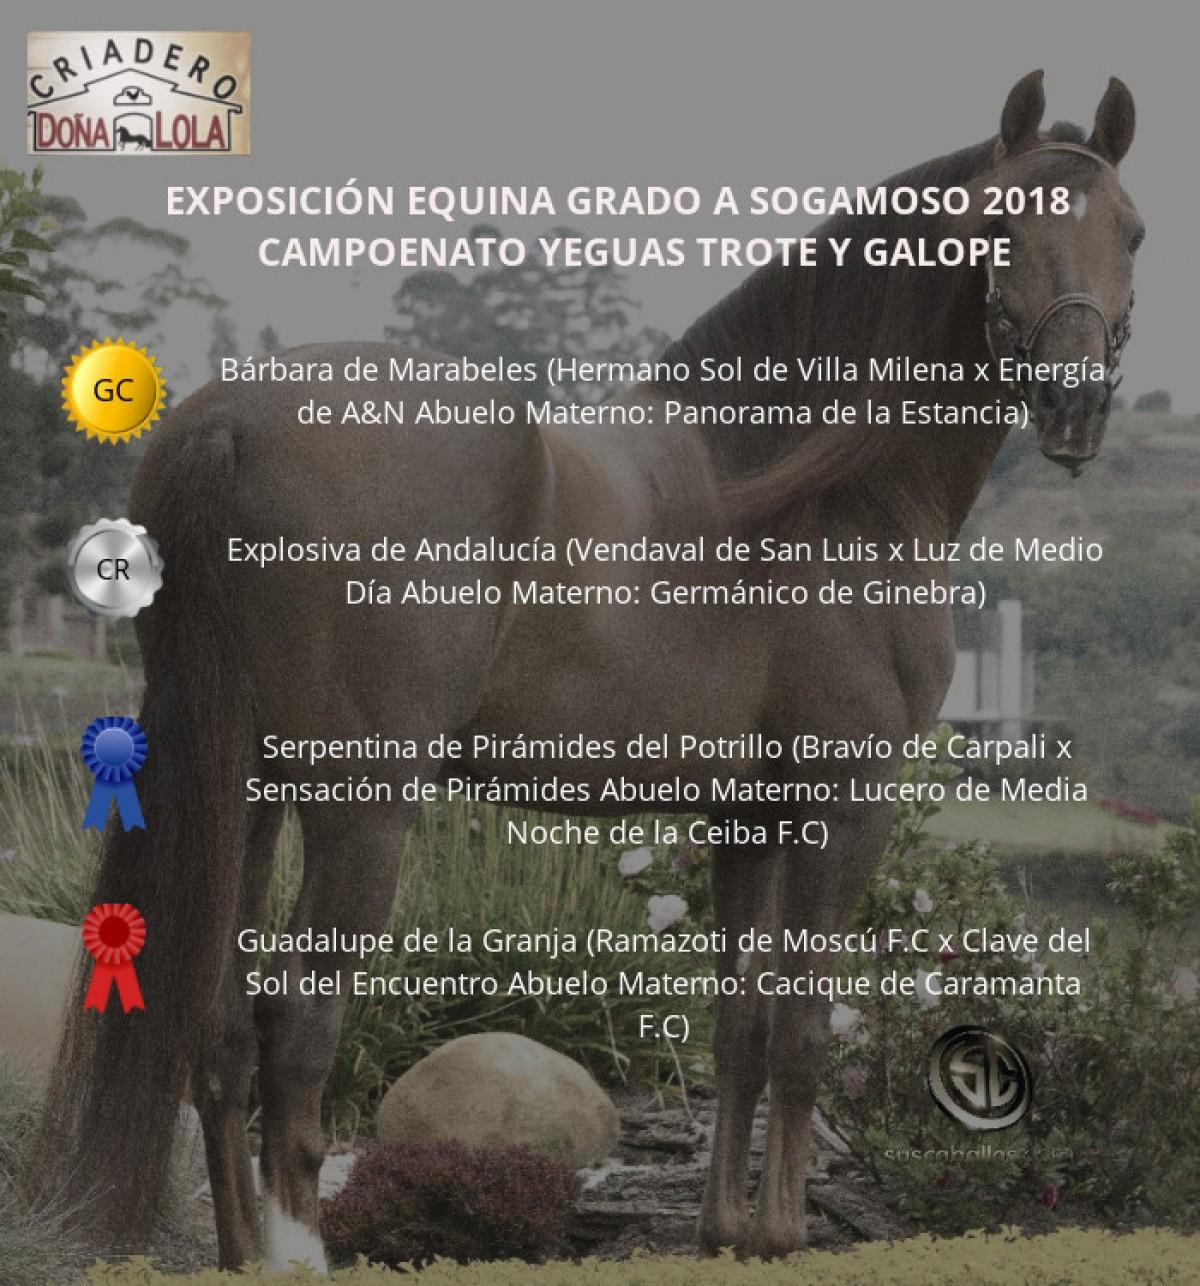 VÍDEO:Bárbara Campeona, Explosiva Reservada, Trote y Galope, Sogamoso 2018